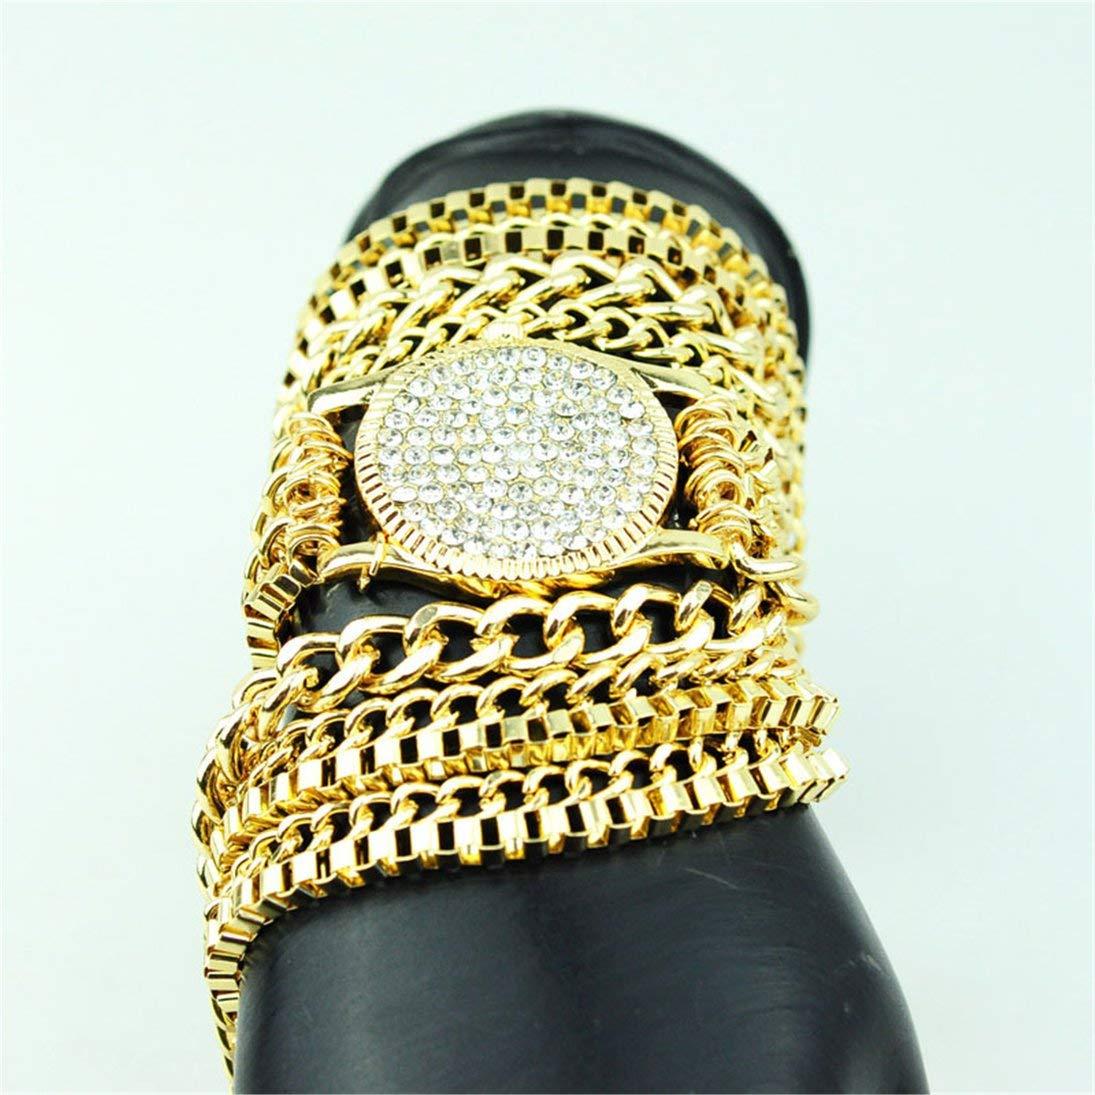 Baynne N0027Exquisite Decor Pattern Stylish Necklace Elegant Shiny Necklace